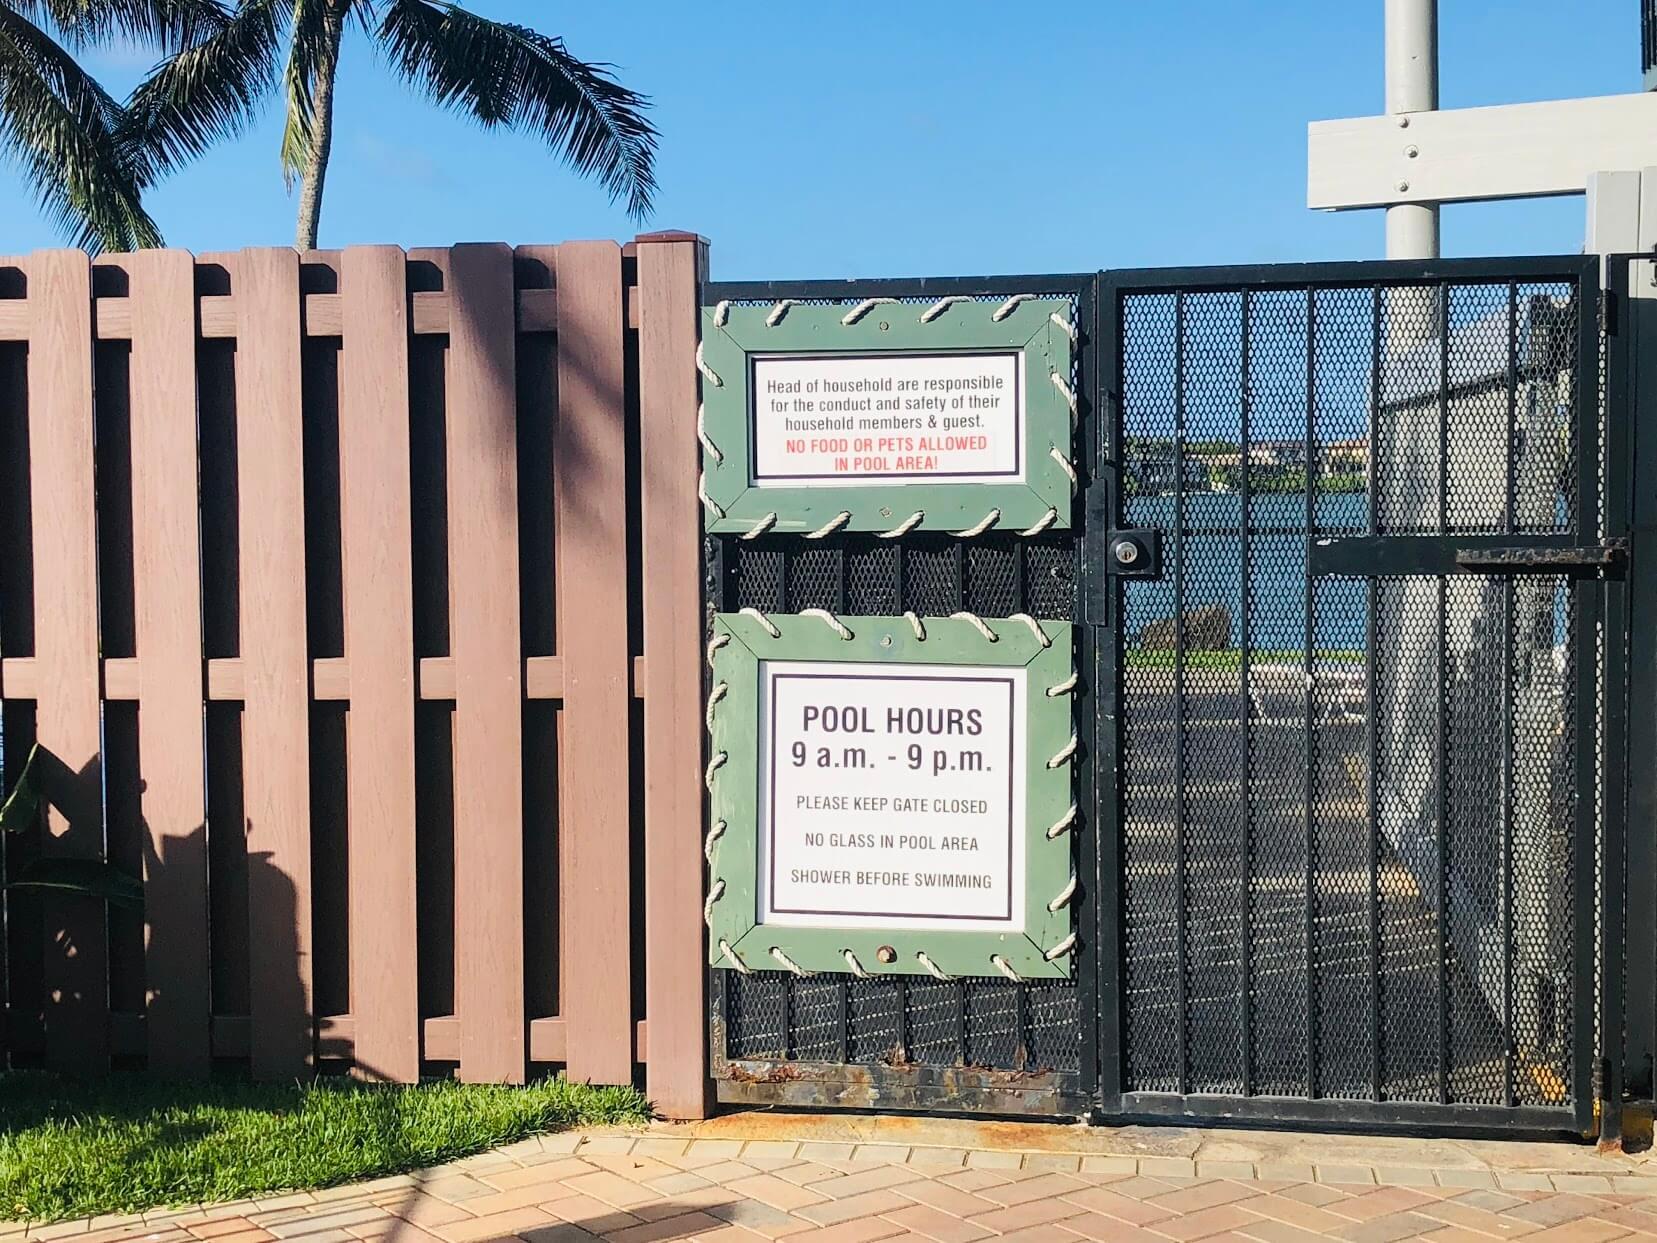 Koko Isleの扉